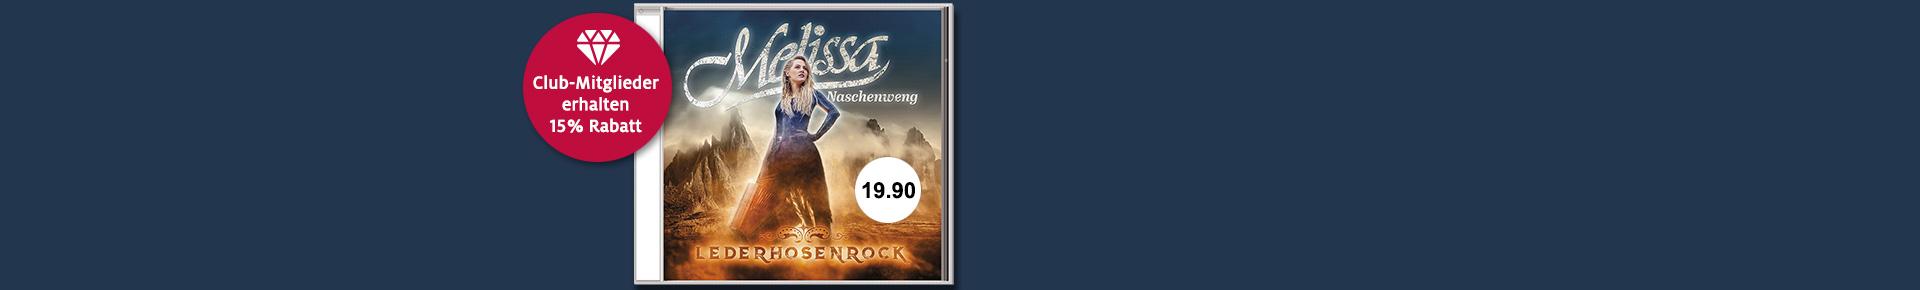 Das neue Album von Melissa Naschenweng